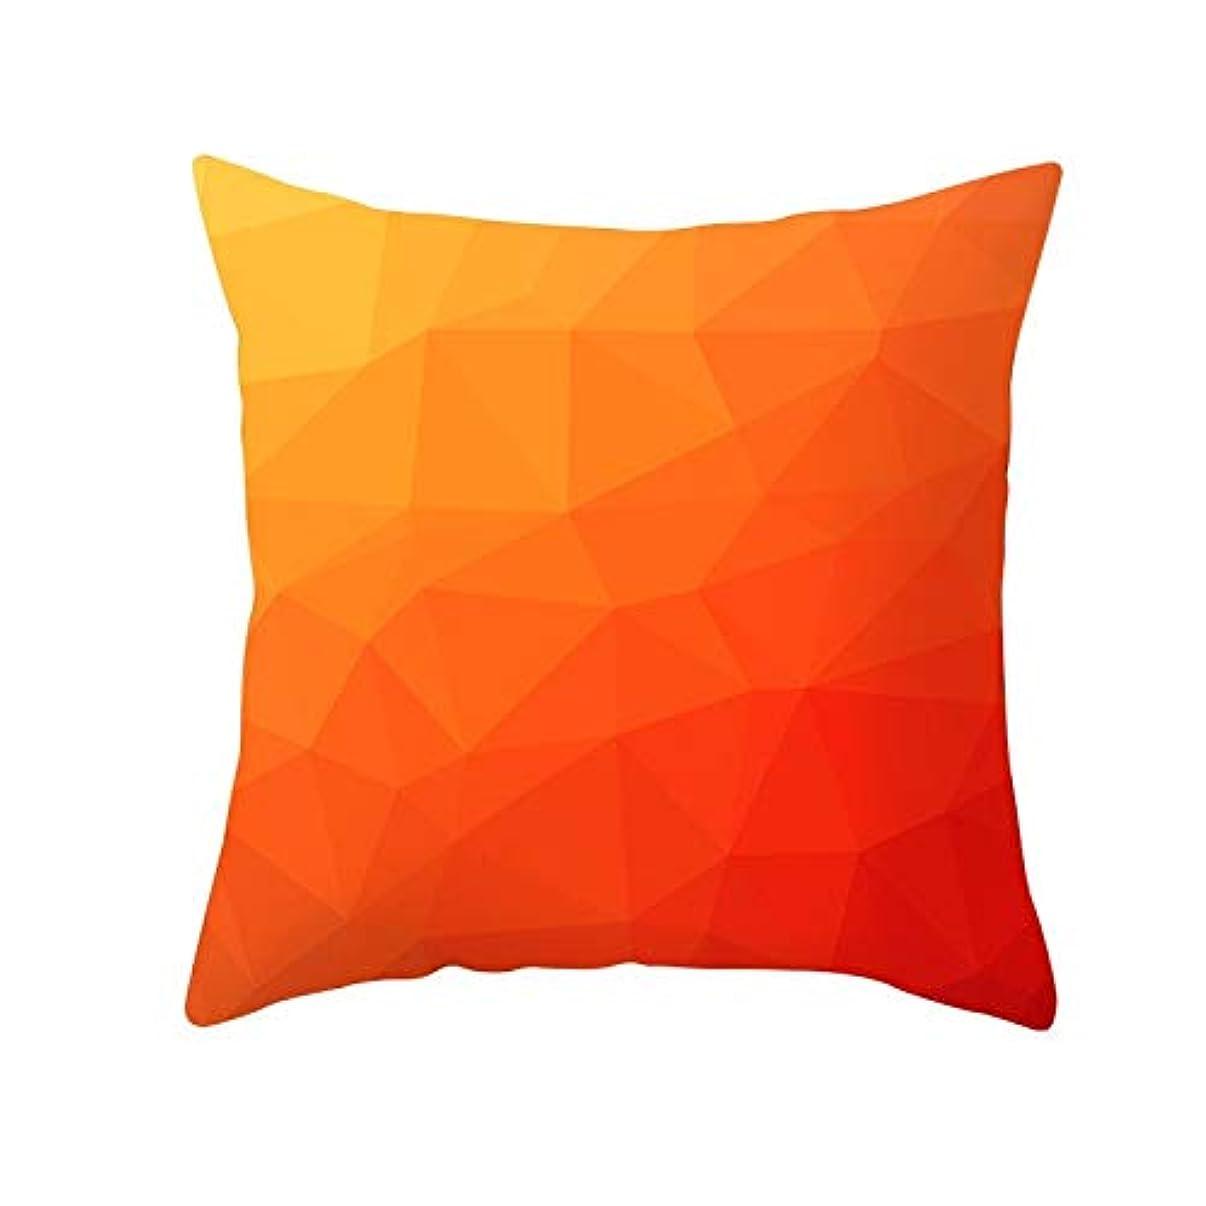 主アルファベット順横にLIFE 装飾クッションソファ 幾何学プリントポリエステル正方形の枕ソファスロークッション家の装飾 coussin デ長椅子 クッション 椅子